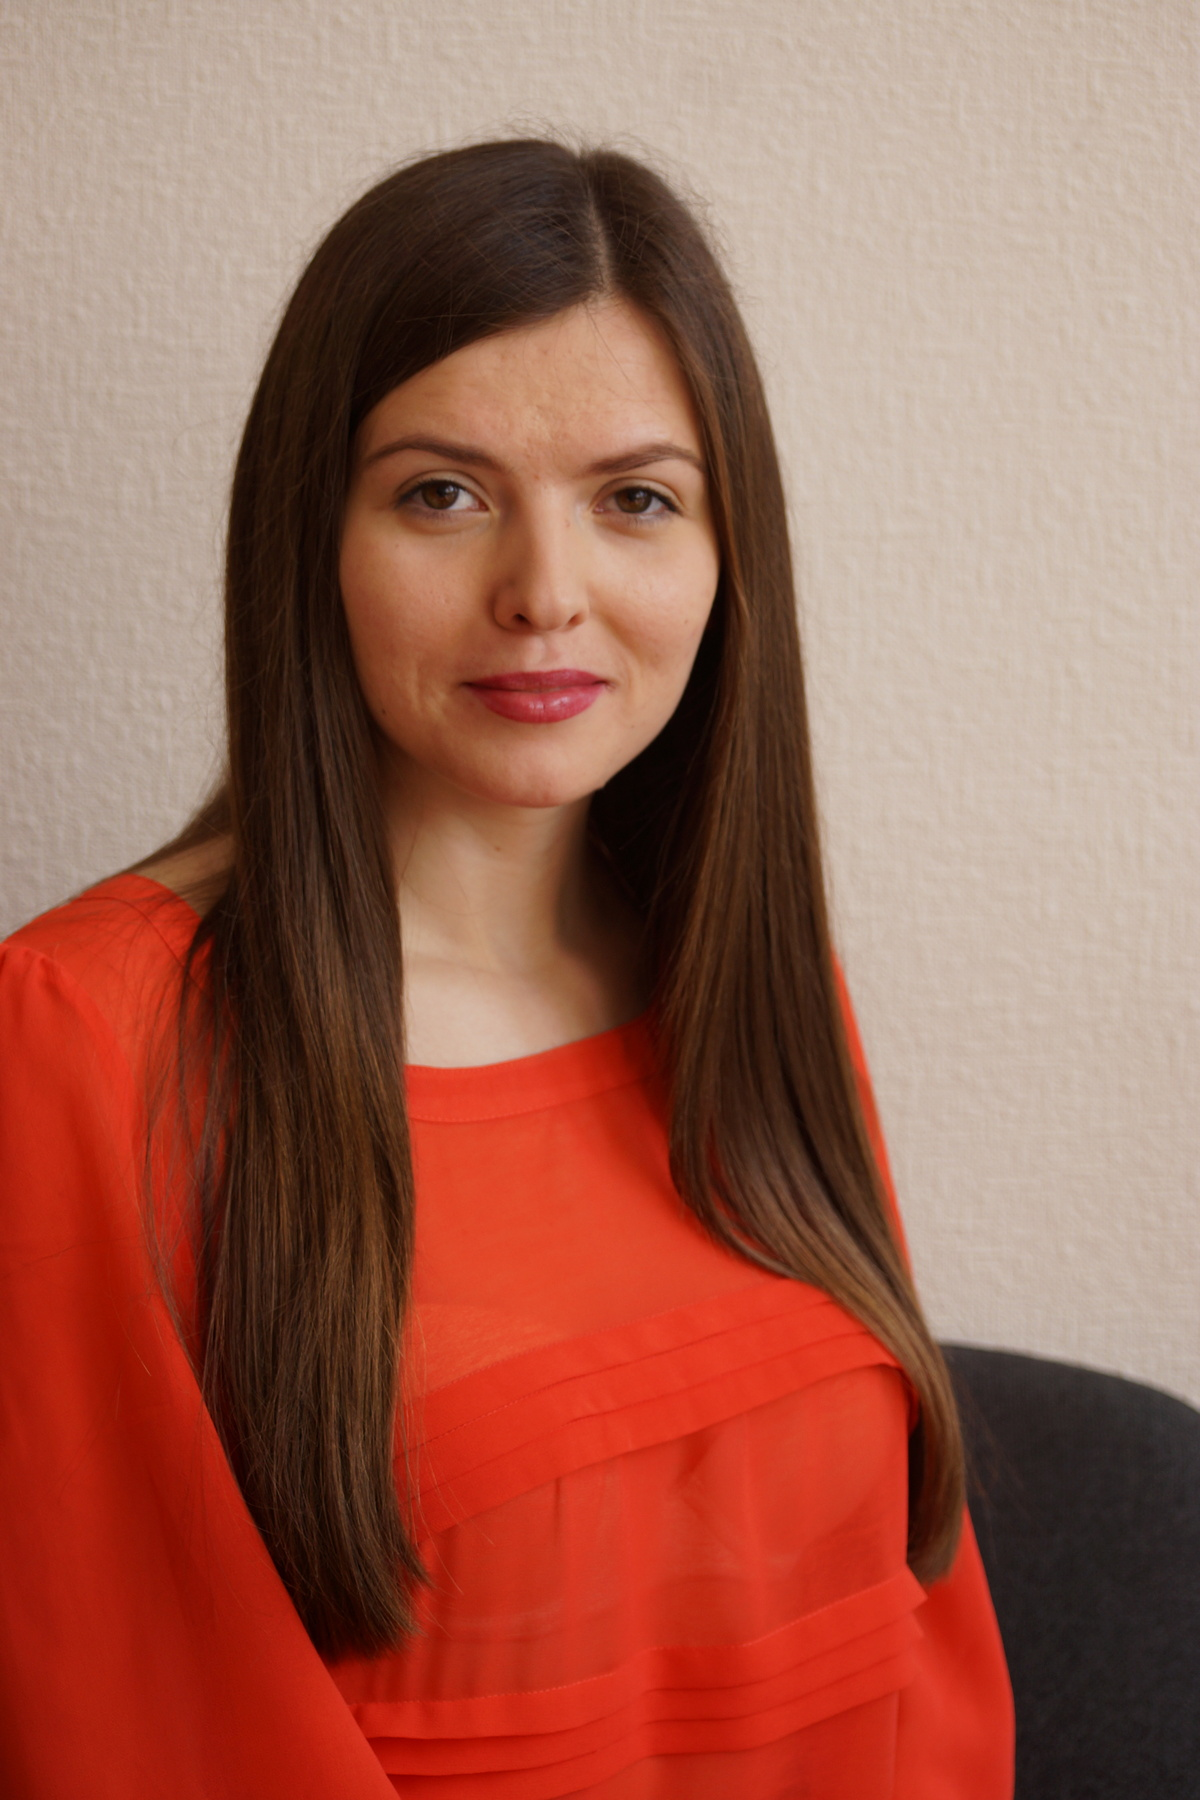 Єрофєєва Аліна Анатоліївна